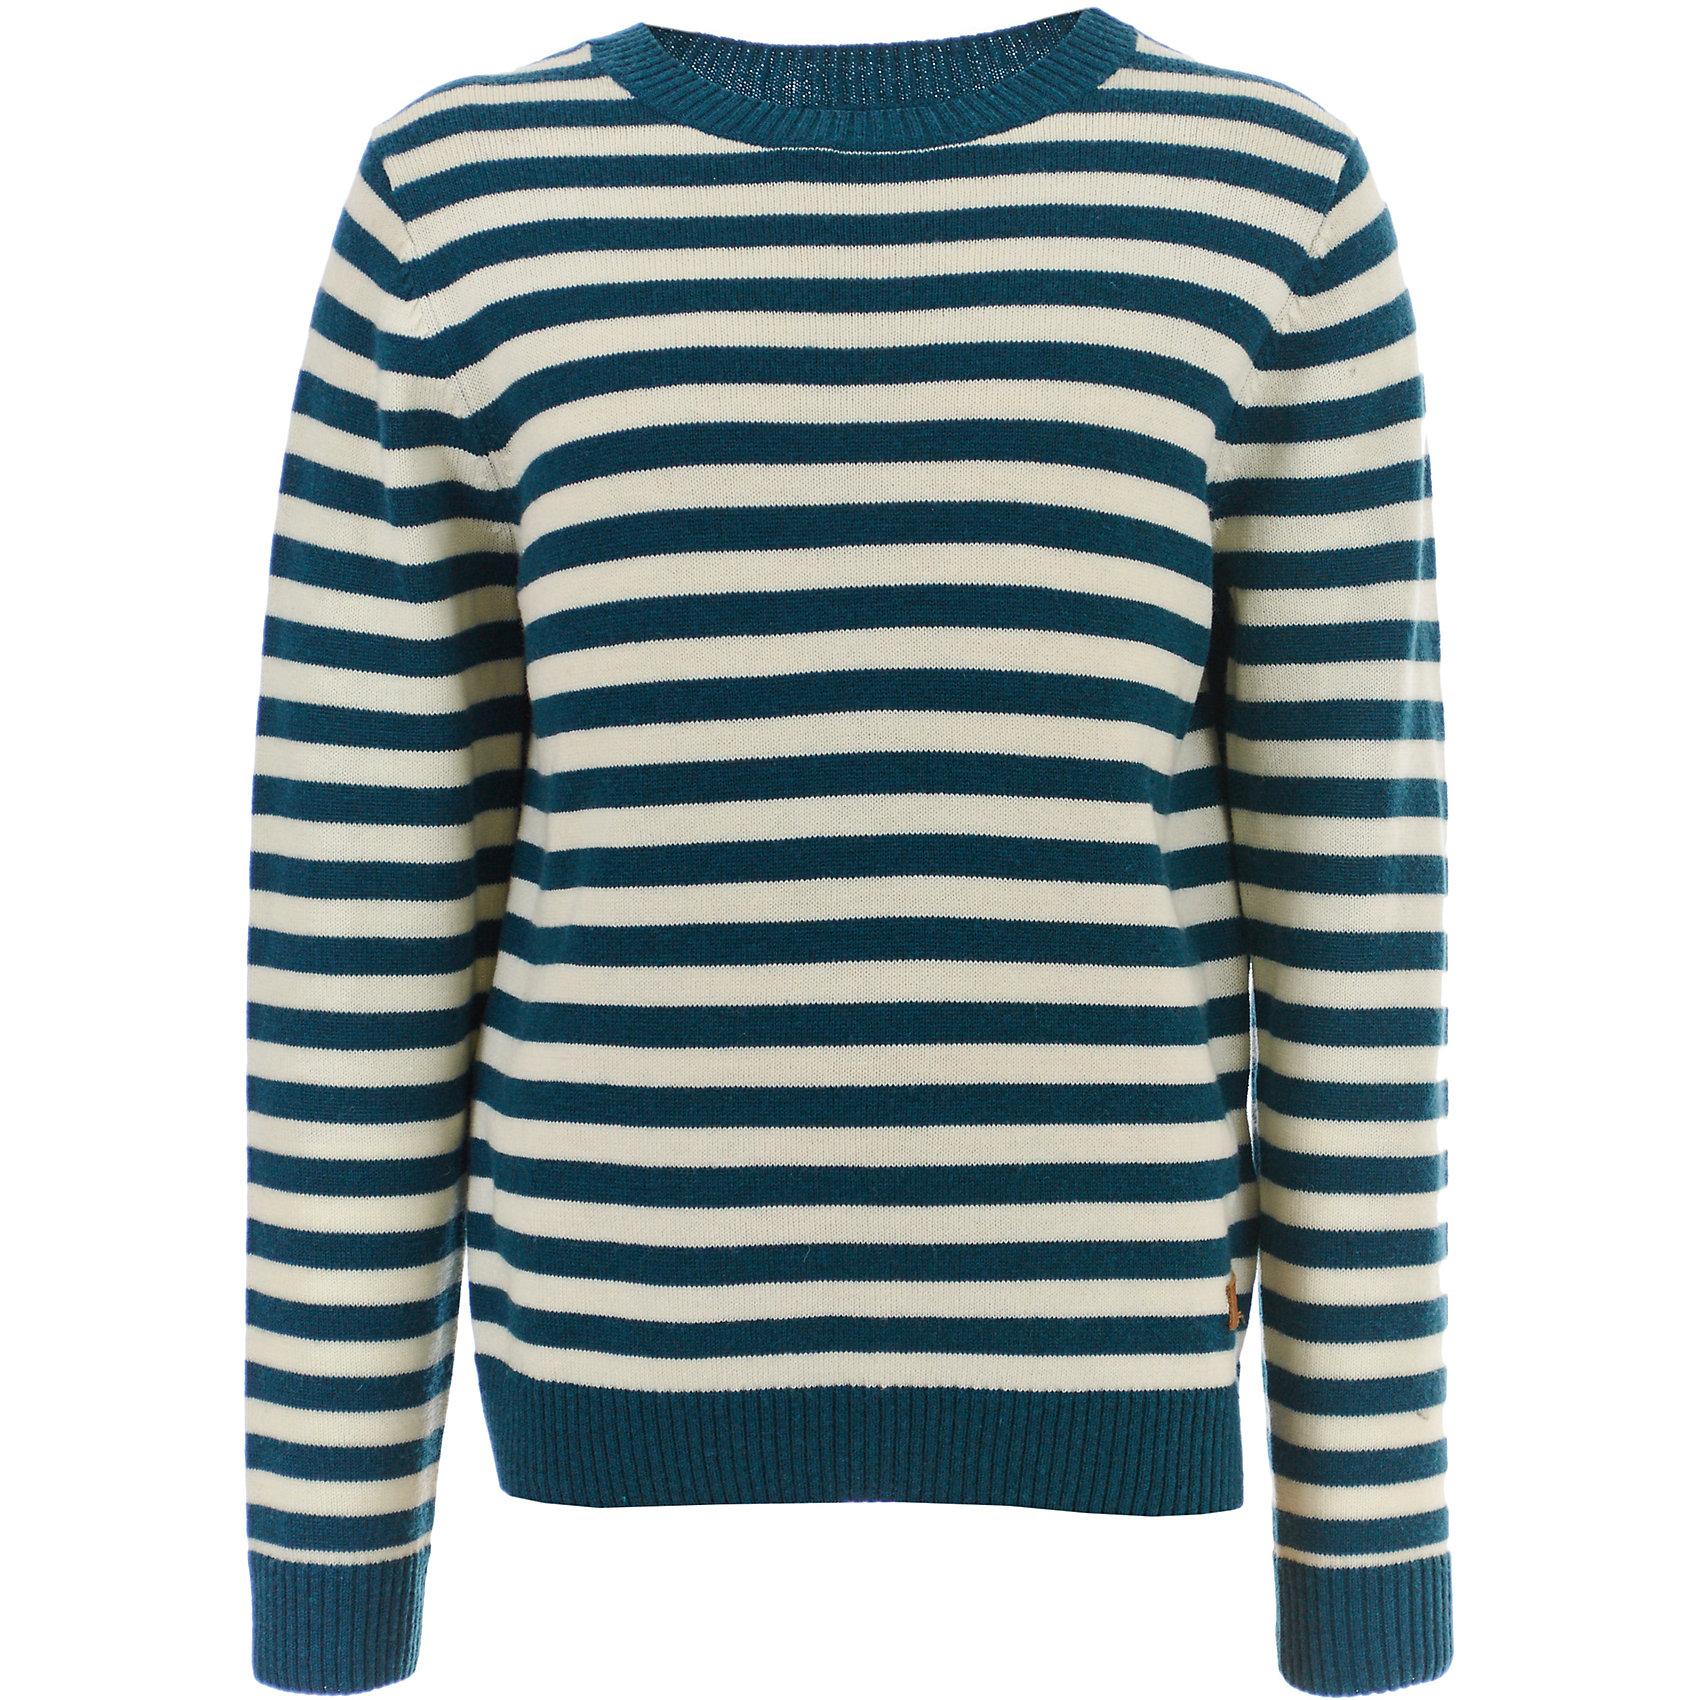 Джемпер Gulliver для мальчикаСвитера и кардиганы<br>Джемпер Gulliver для мальчика<br>Модная белая рубашка для мальчика с активным рисунком сделает образ ребенка свежим и современным! Чуть приталенный силуэт, необычный принт, оригинальная шрифтовая отделка, делают рубашку очень привлекательной и яркой! Если вы хотите купить рубашку для мальчика, но устали от школьных решений, вам стоит купить рубашку из коллекции Сахалин! Она станет ярким акцентом любого комплекта в стиле casual, придав образу ребенка новизну и индивидуальность.<br>Состав:<br>100% хлопок<br><br>Ширина мм: 190<br>Глубина мм: 74<br>Высота мм: 229<br>Вес г: 236<br>Цвет: белый<br>Возраст от месяцев: 108<br>Возраст до месяцев: 120<br>Пол: Мужской<br>Возраст: Детский<br>Размер: 140,122,128,134<br>SKU: 7076969